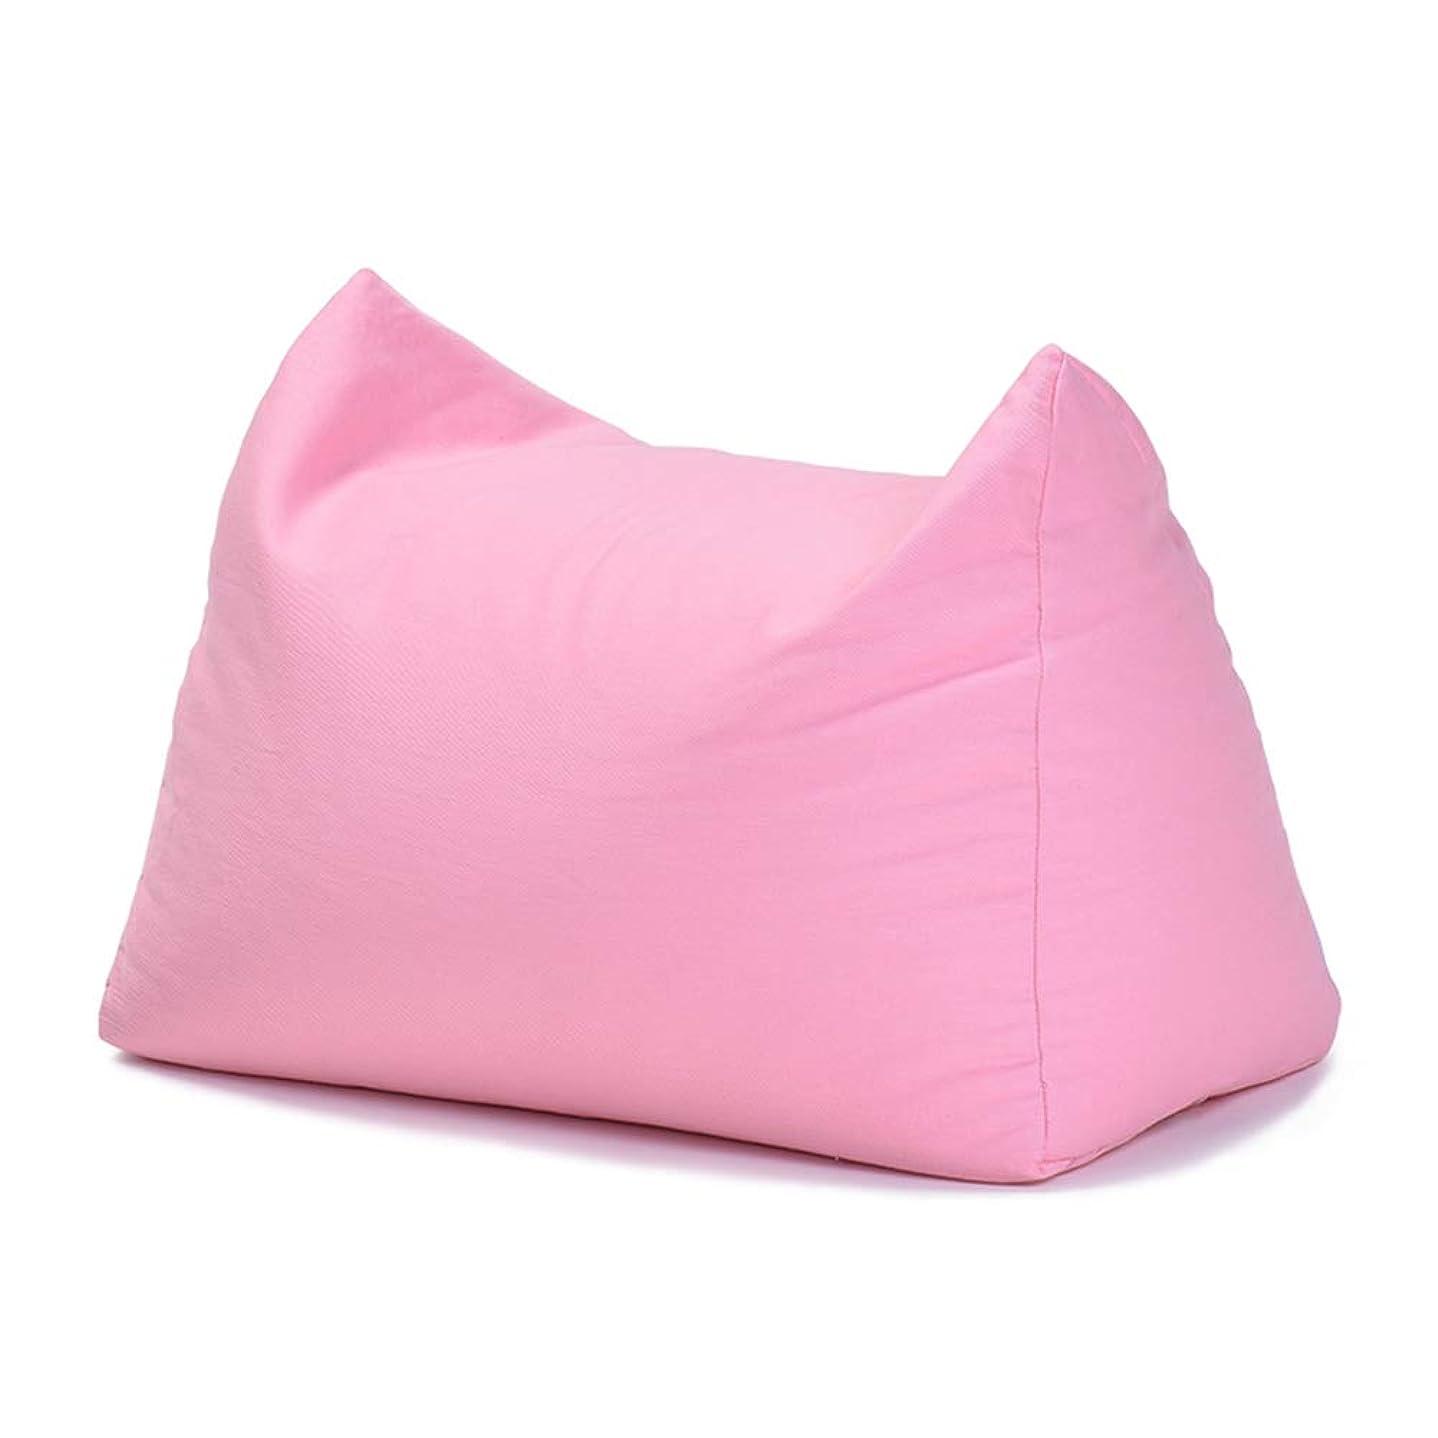 ブレークスパン詩CAIJUN フットスツール? 怠惰なソファ 綿布 多機能 ポータブル 環境を守ること 余暇 屋内 贈り物、 9色 (色 : ピンク, サイズ さいず : 58x30x40cm)